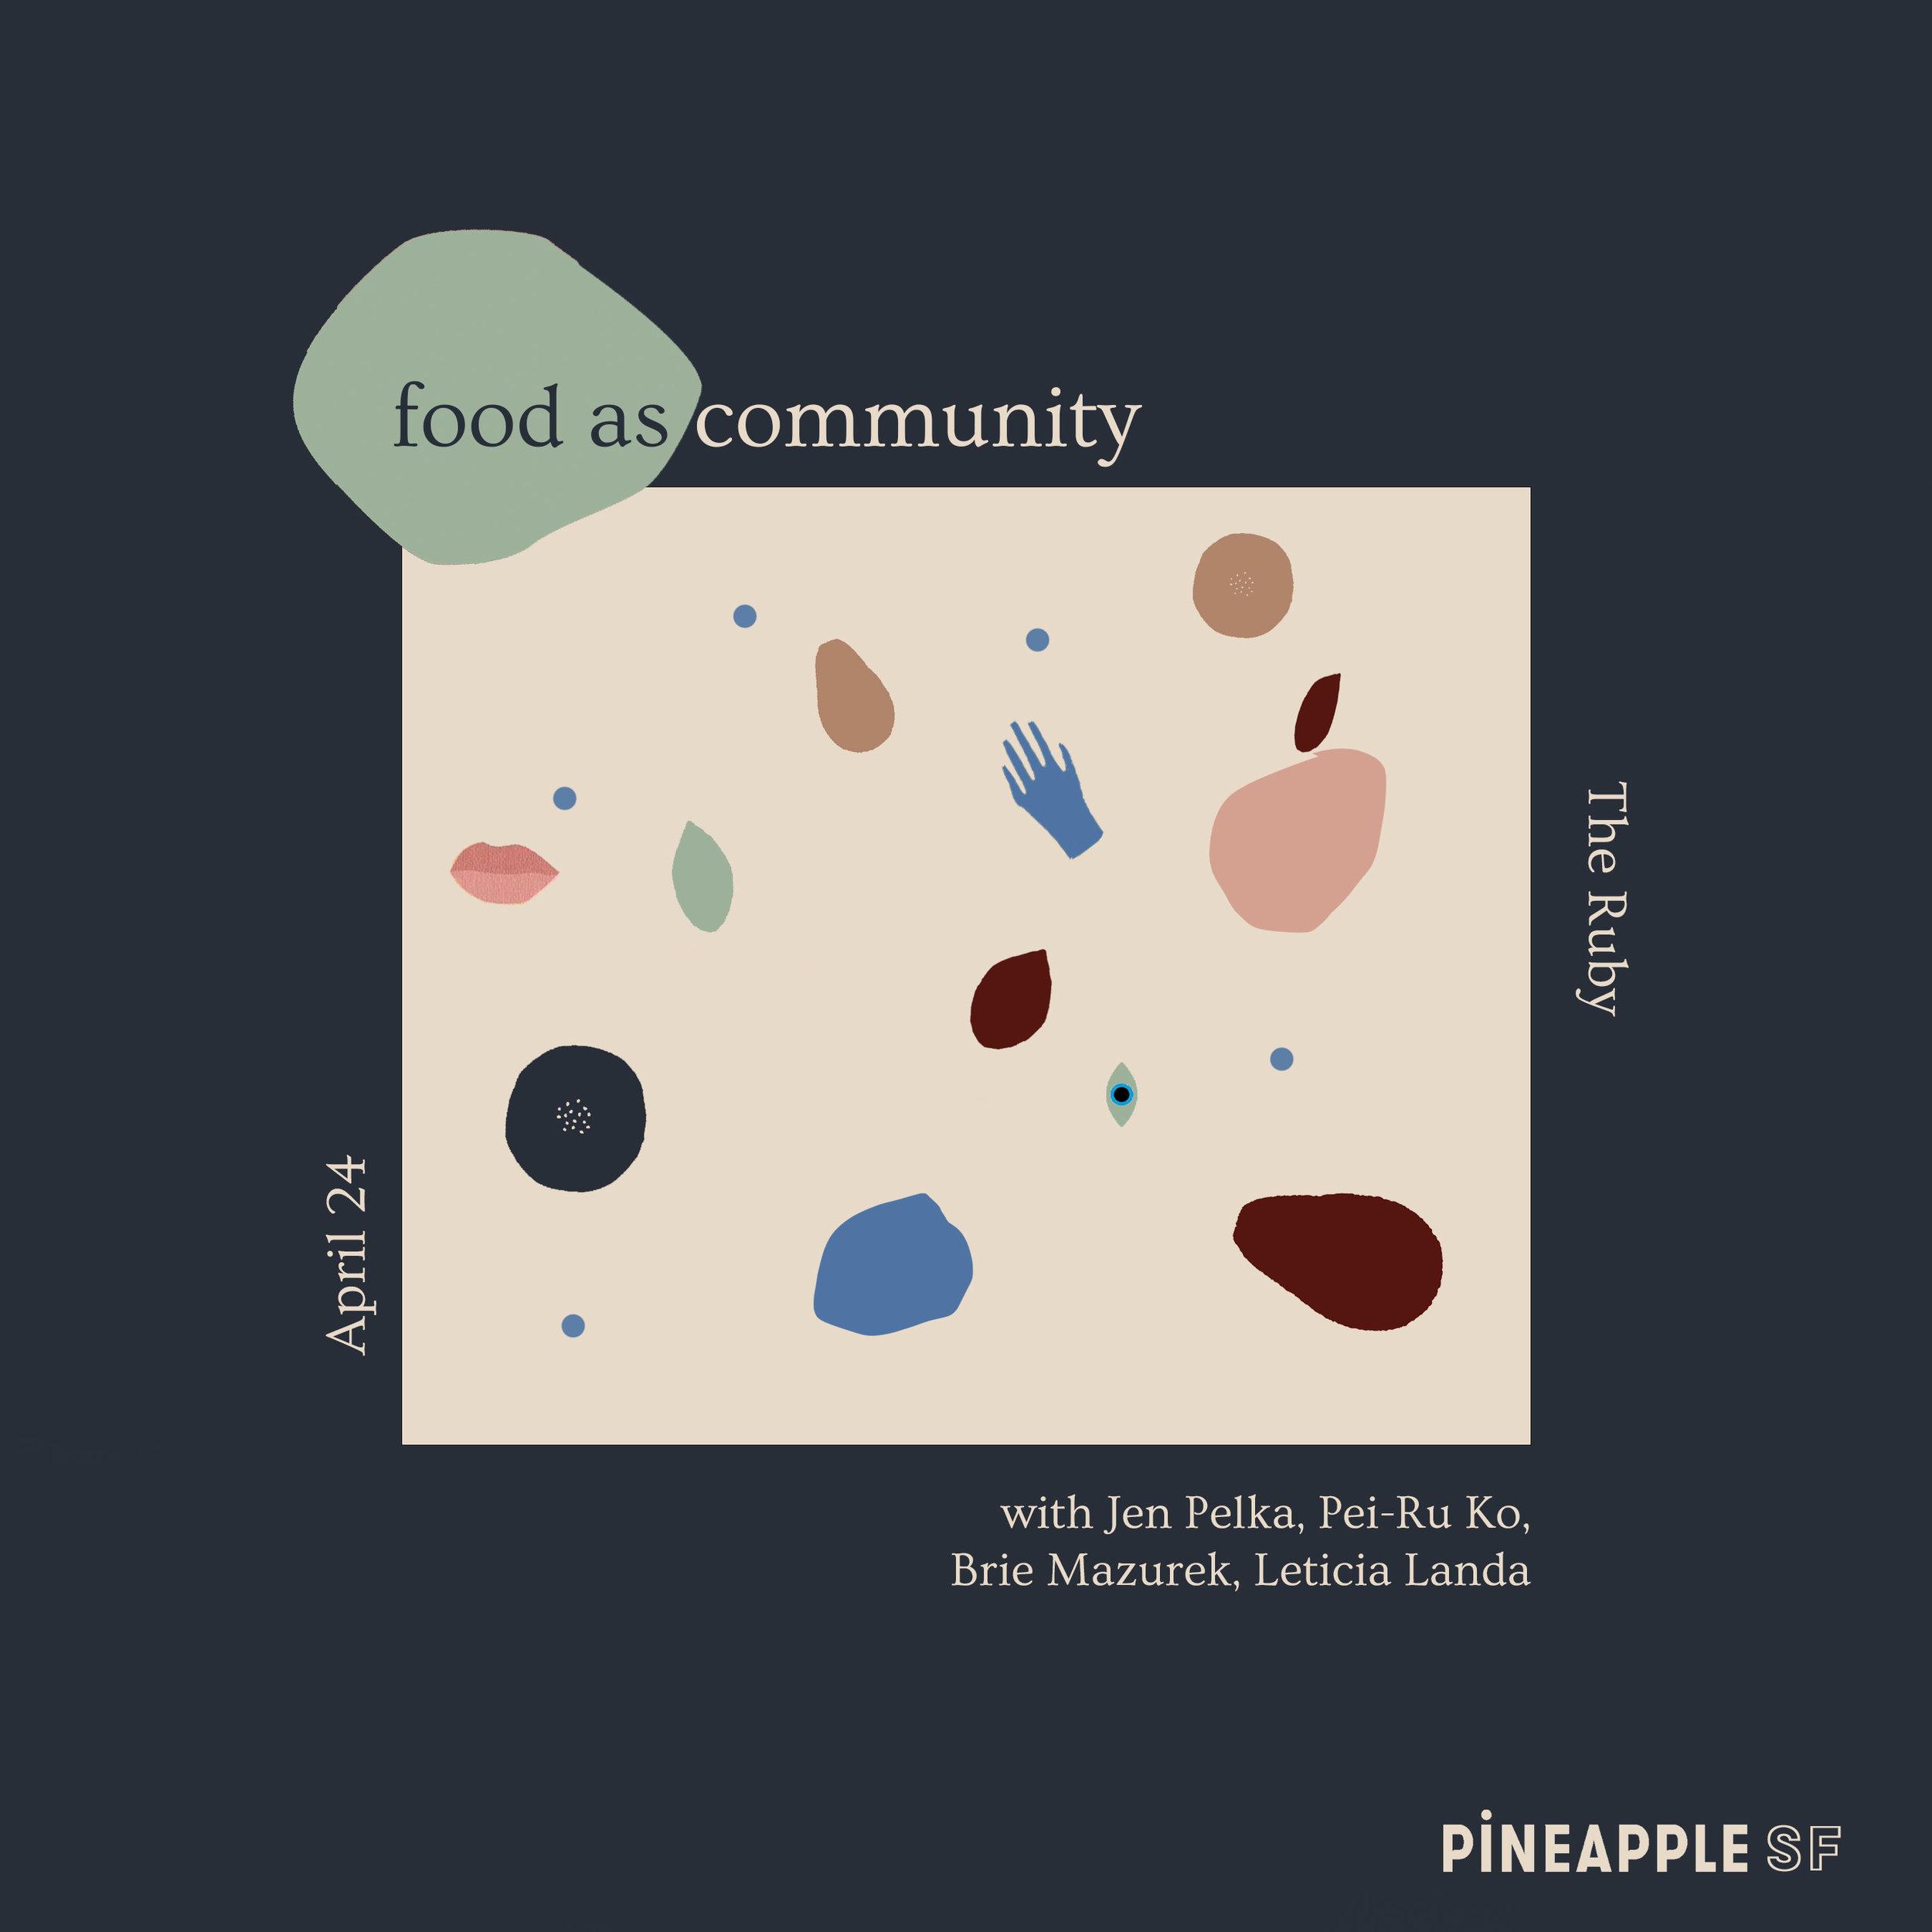 foodascommunity.jpg